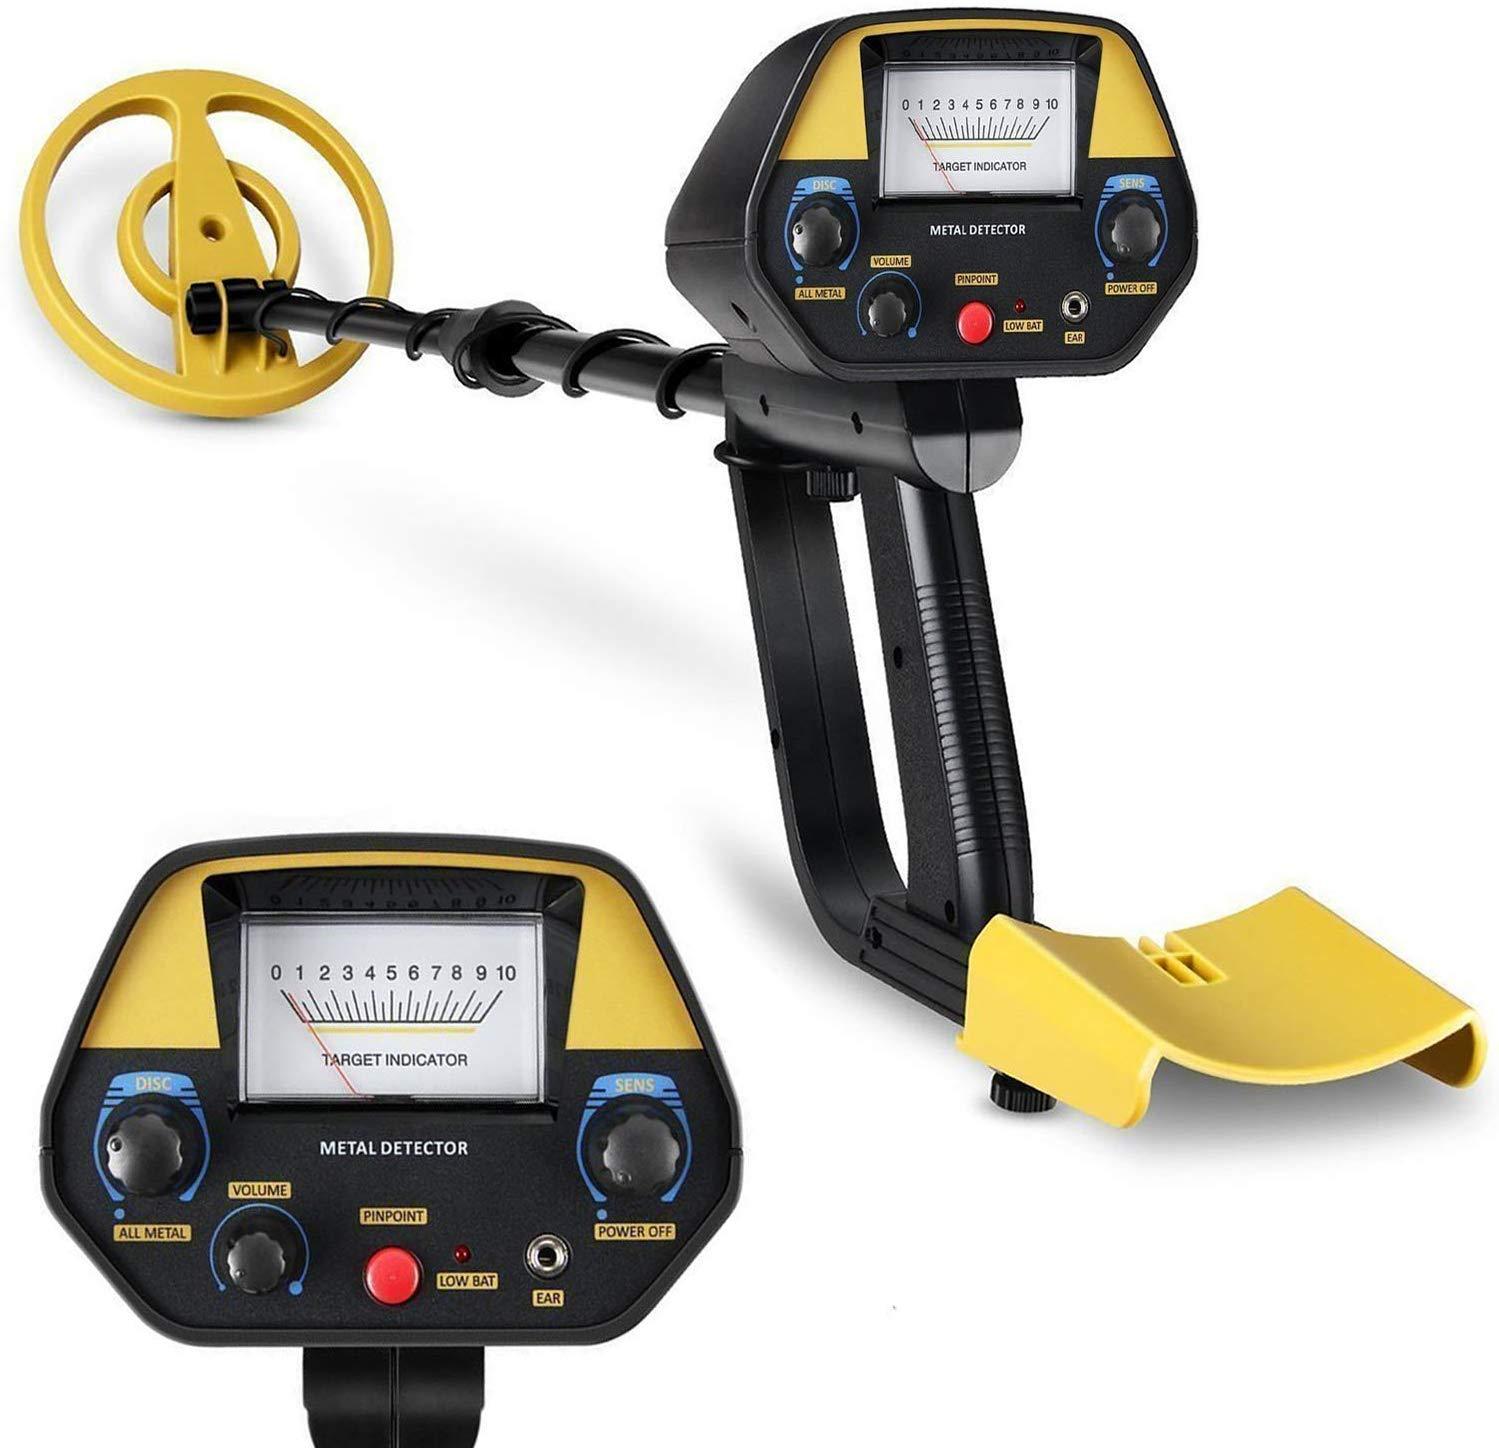 INTEY Metal Detector - Sensitivity & Volume Adjustable, Waterproof Coil (30.7-42.5 in),